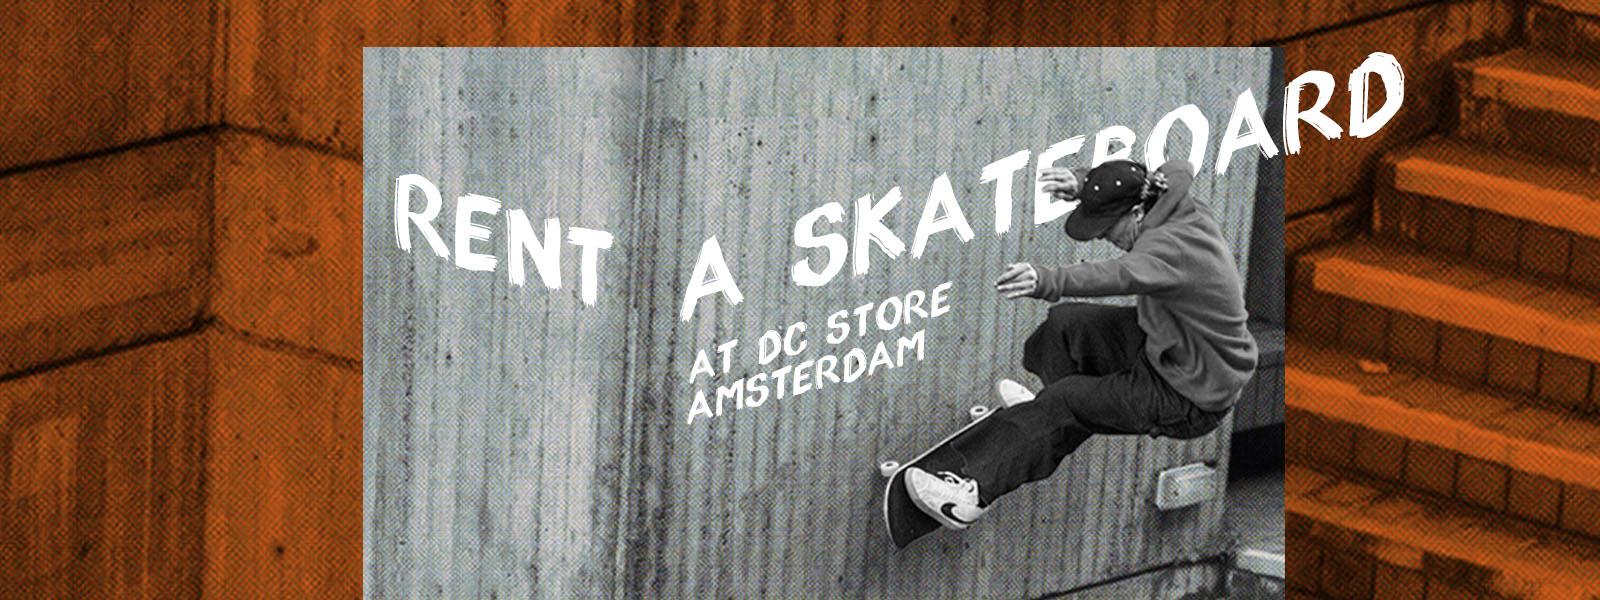 Rent a skateboard